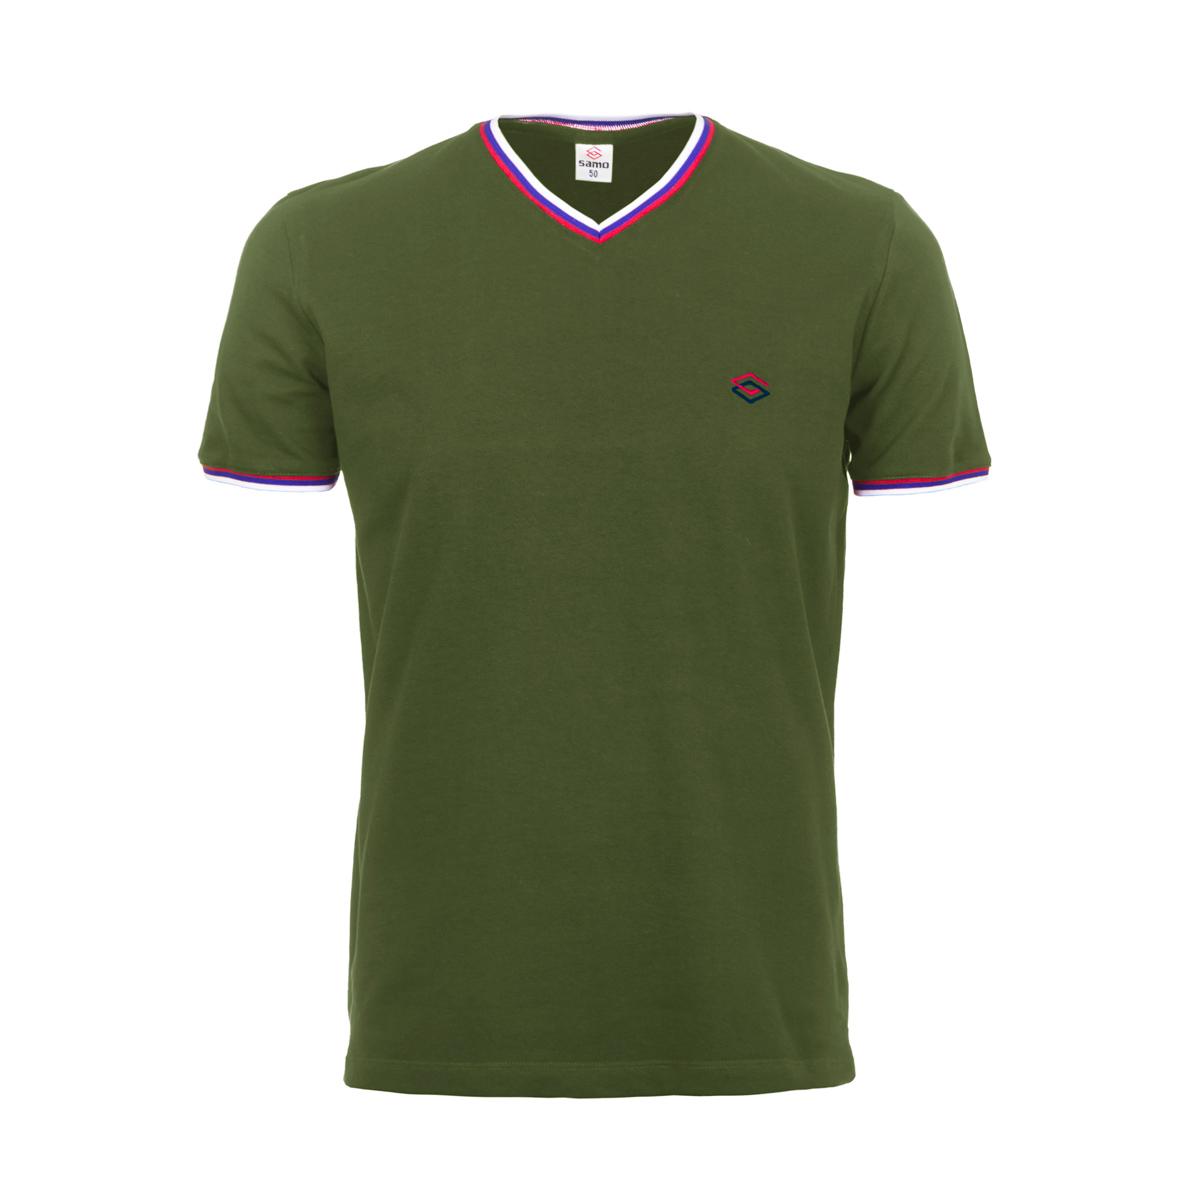 Муж. футболка арт. 04-0059 Хаки р. 50 - Мужская одежда артикул: 26311